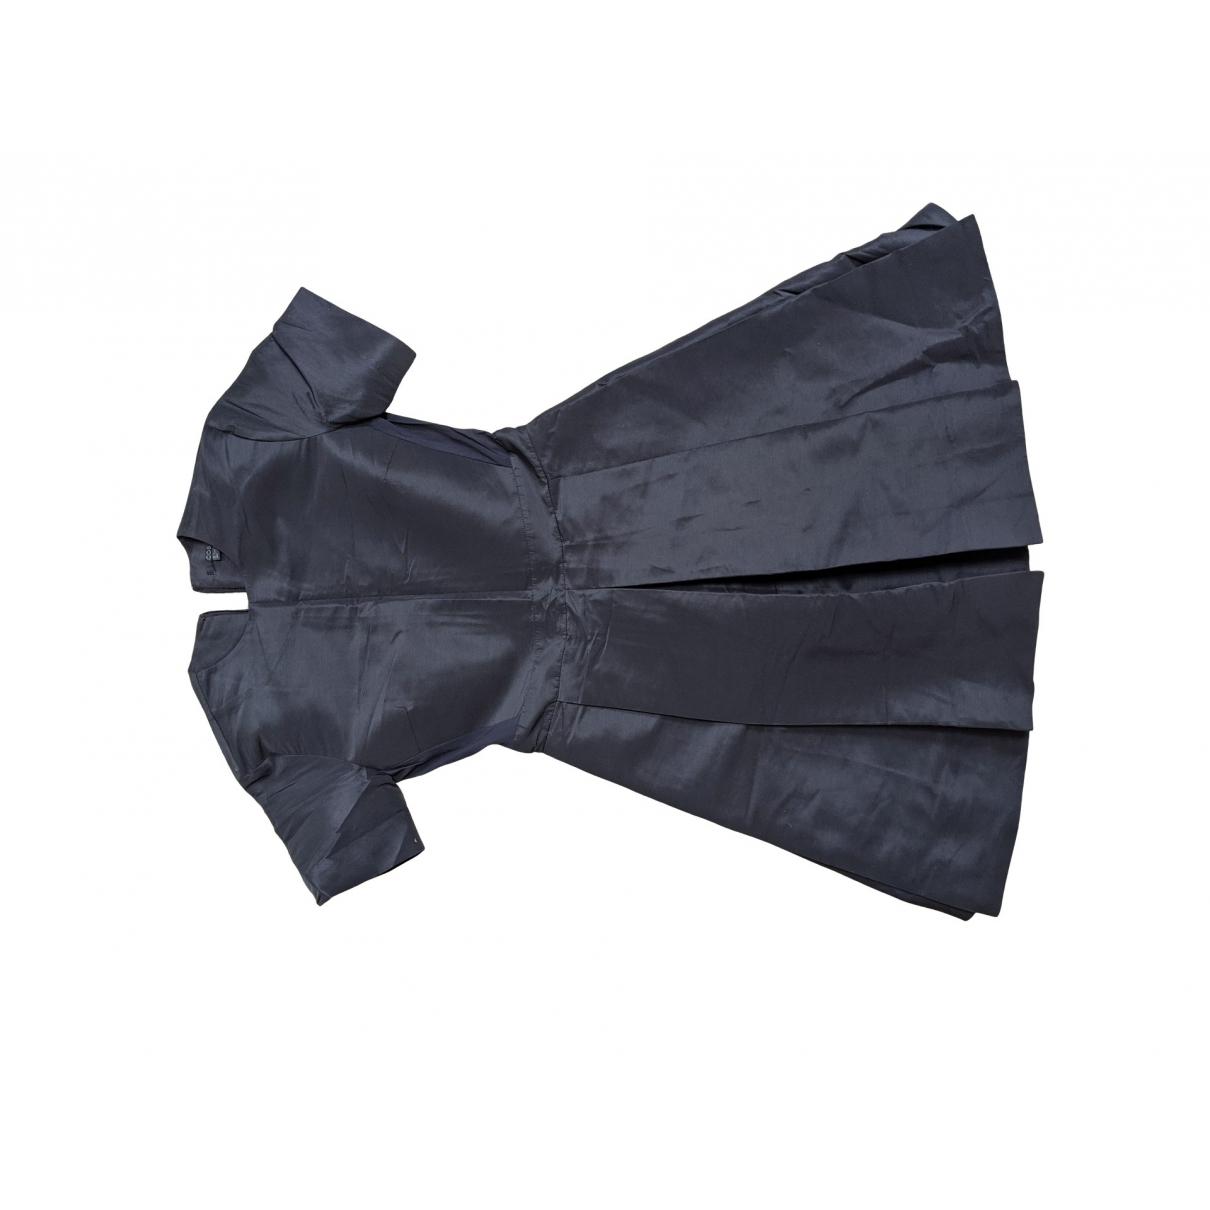 Cos \N Kleid in  Blau Polyester